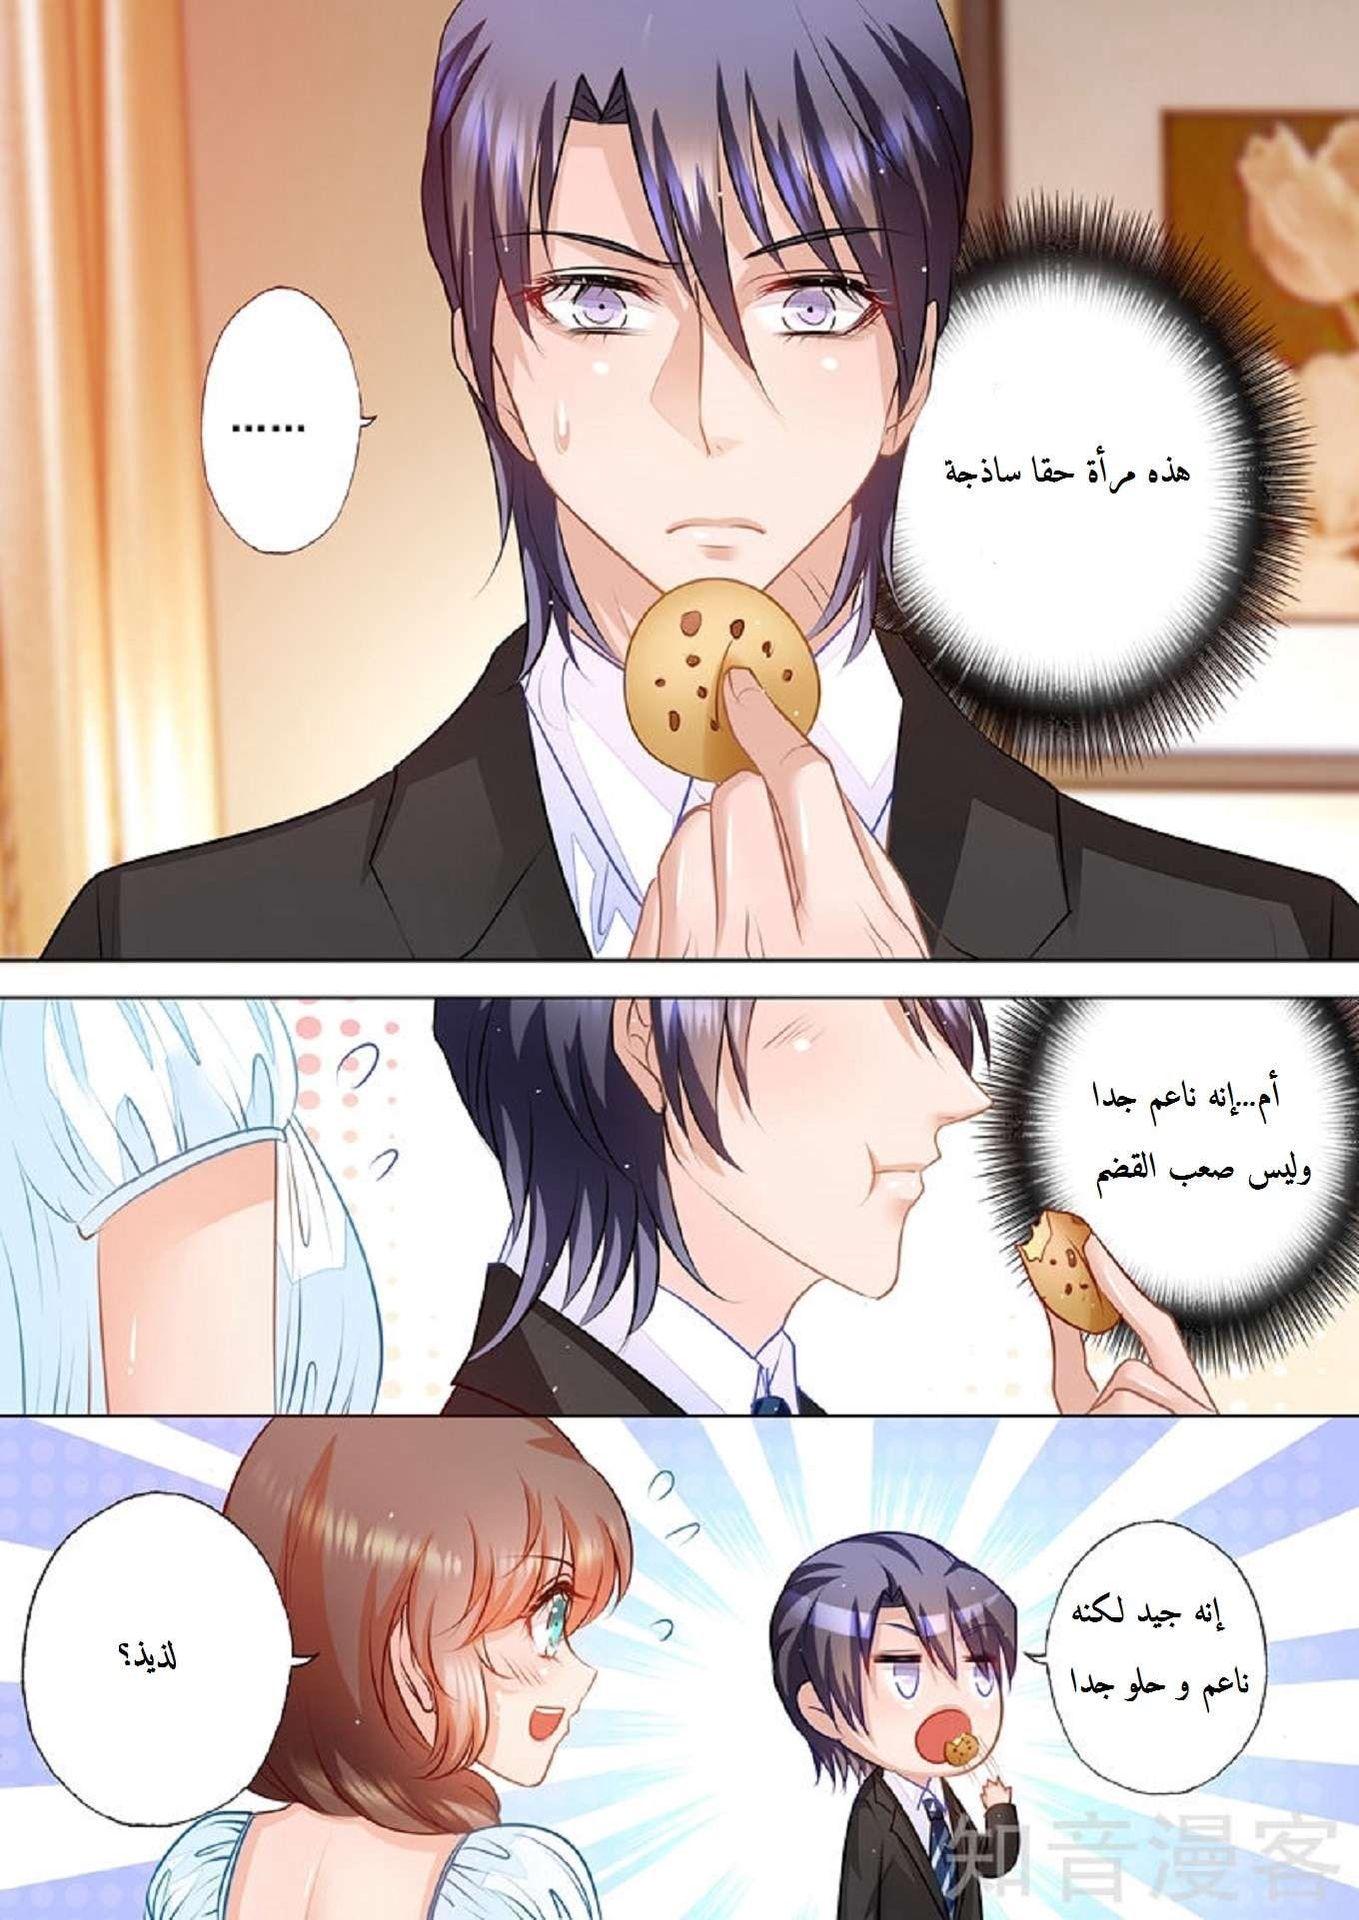 مانجا في عظام الزوج المثير رومنسيه جدا Anime Sasusaku Art